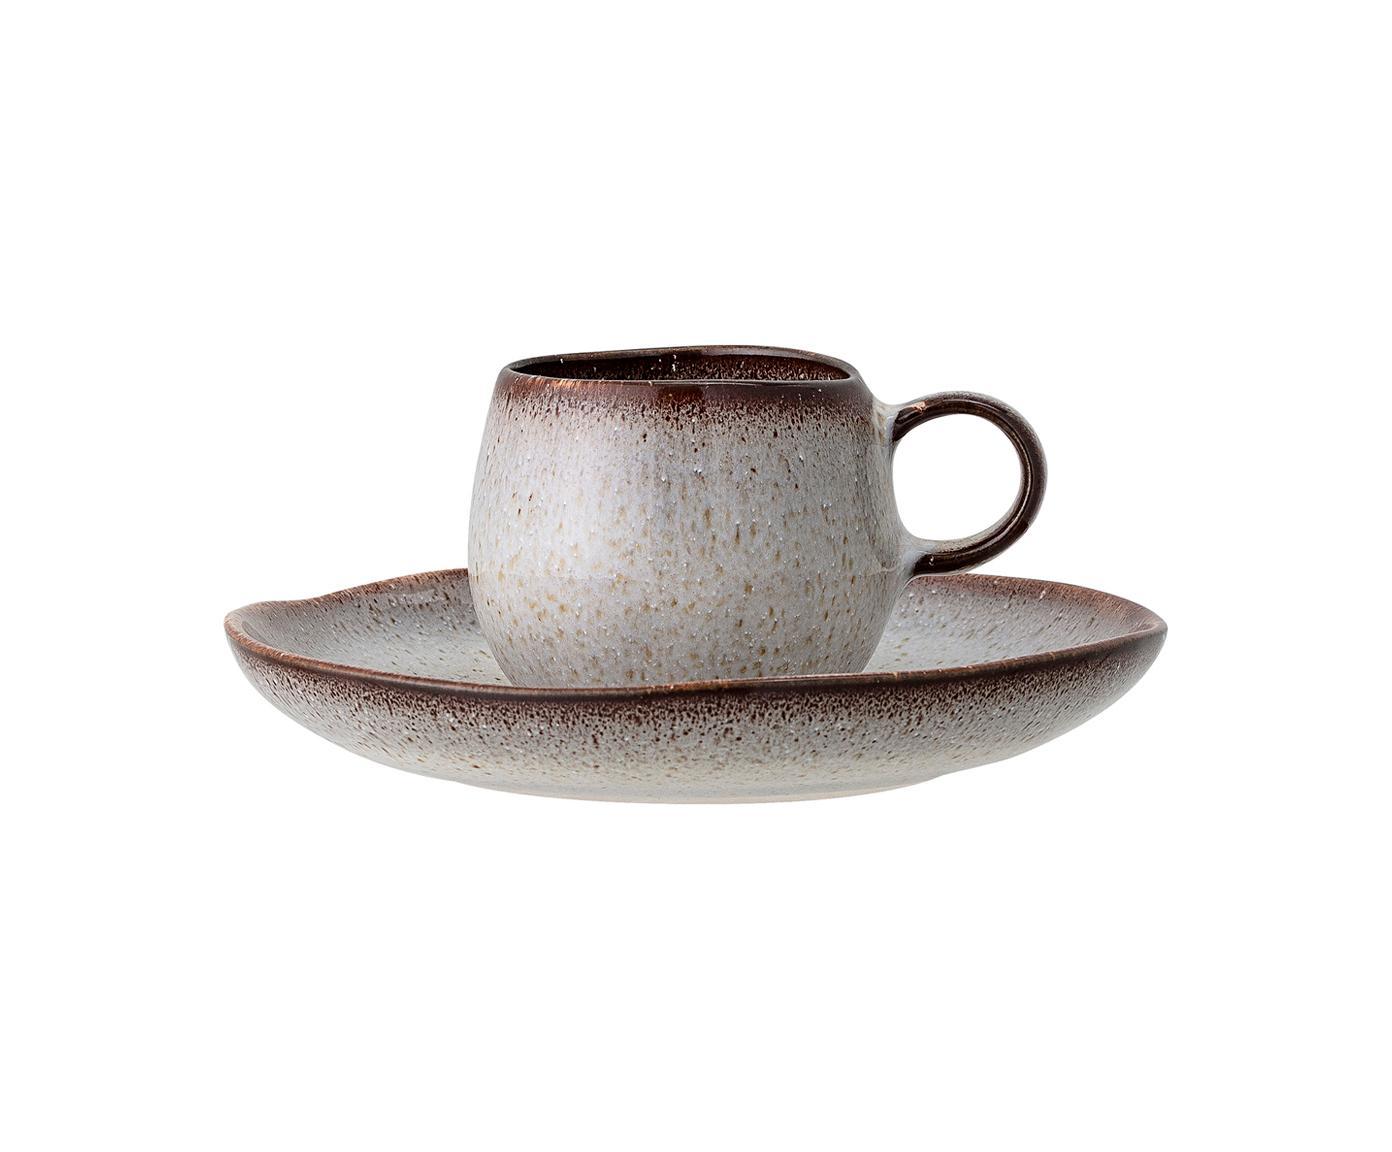 Handgemaakt espressokopje Sandrine met schoteltje, 2-delig, Keramiek, Grijs, bruin, Ø 7 x H 6 cm